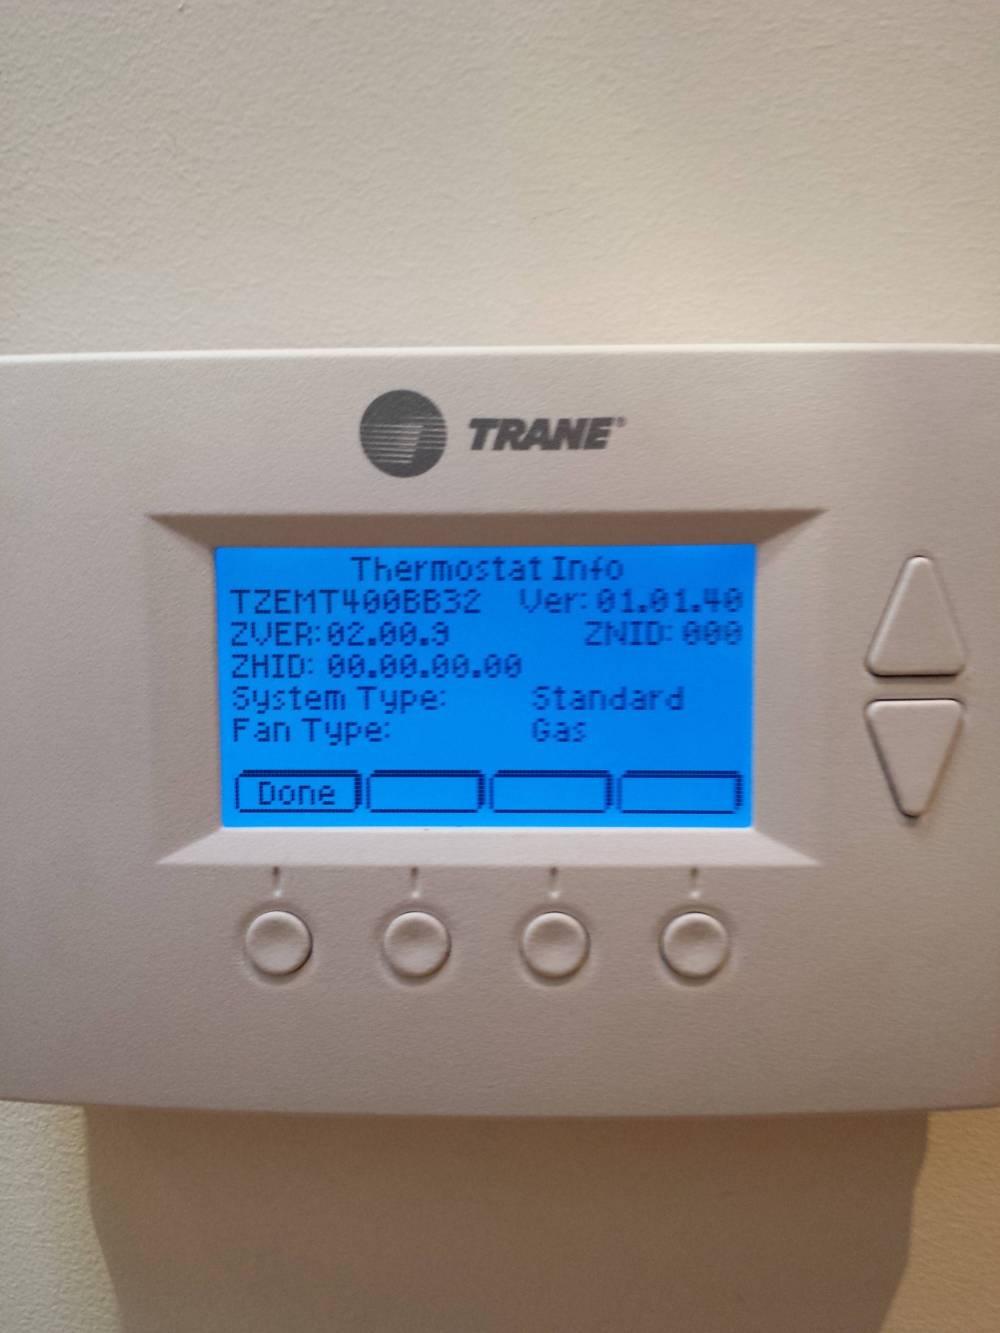 medium resolution of thermostat transformer wiring 24 volt thermostat wiring 24 volt thermostat wiring diagram 120 volt thermostat wiring